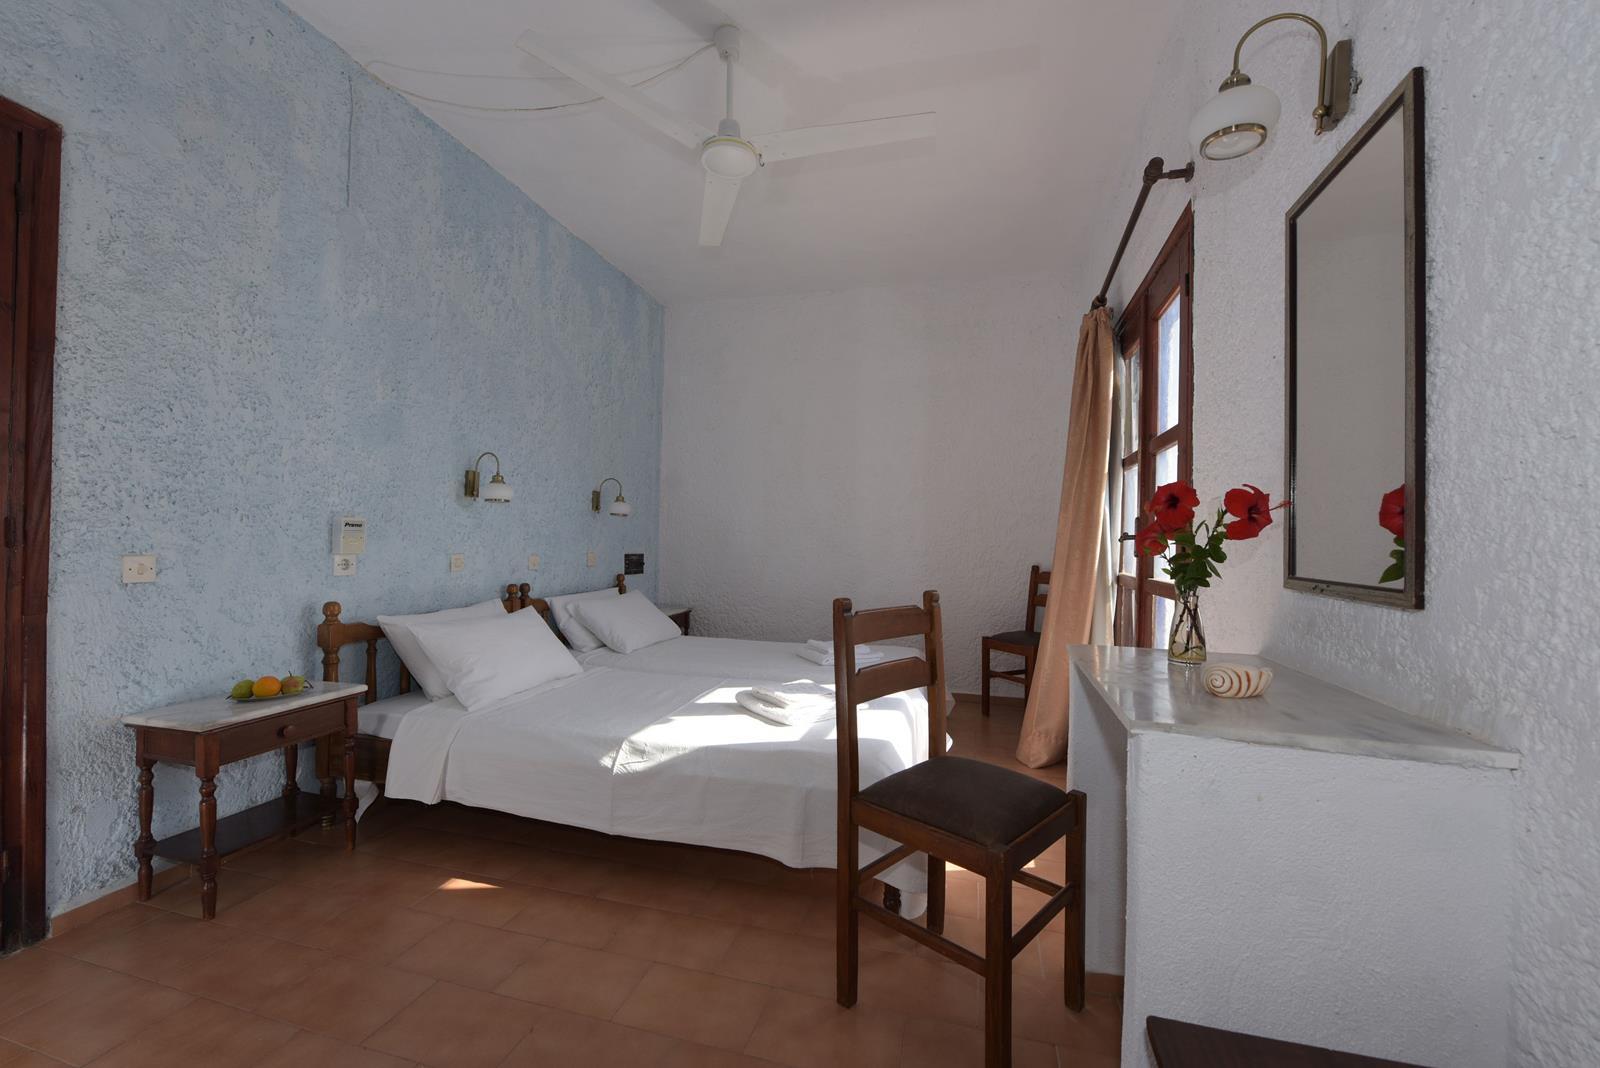 ξενοδοχειο καρπαθος - Poseidon Blue Gastronomy Hotel